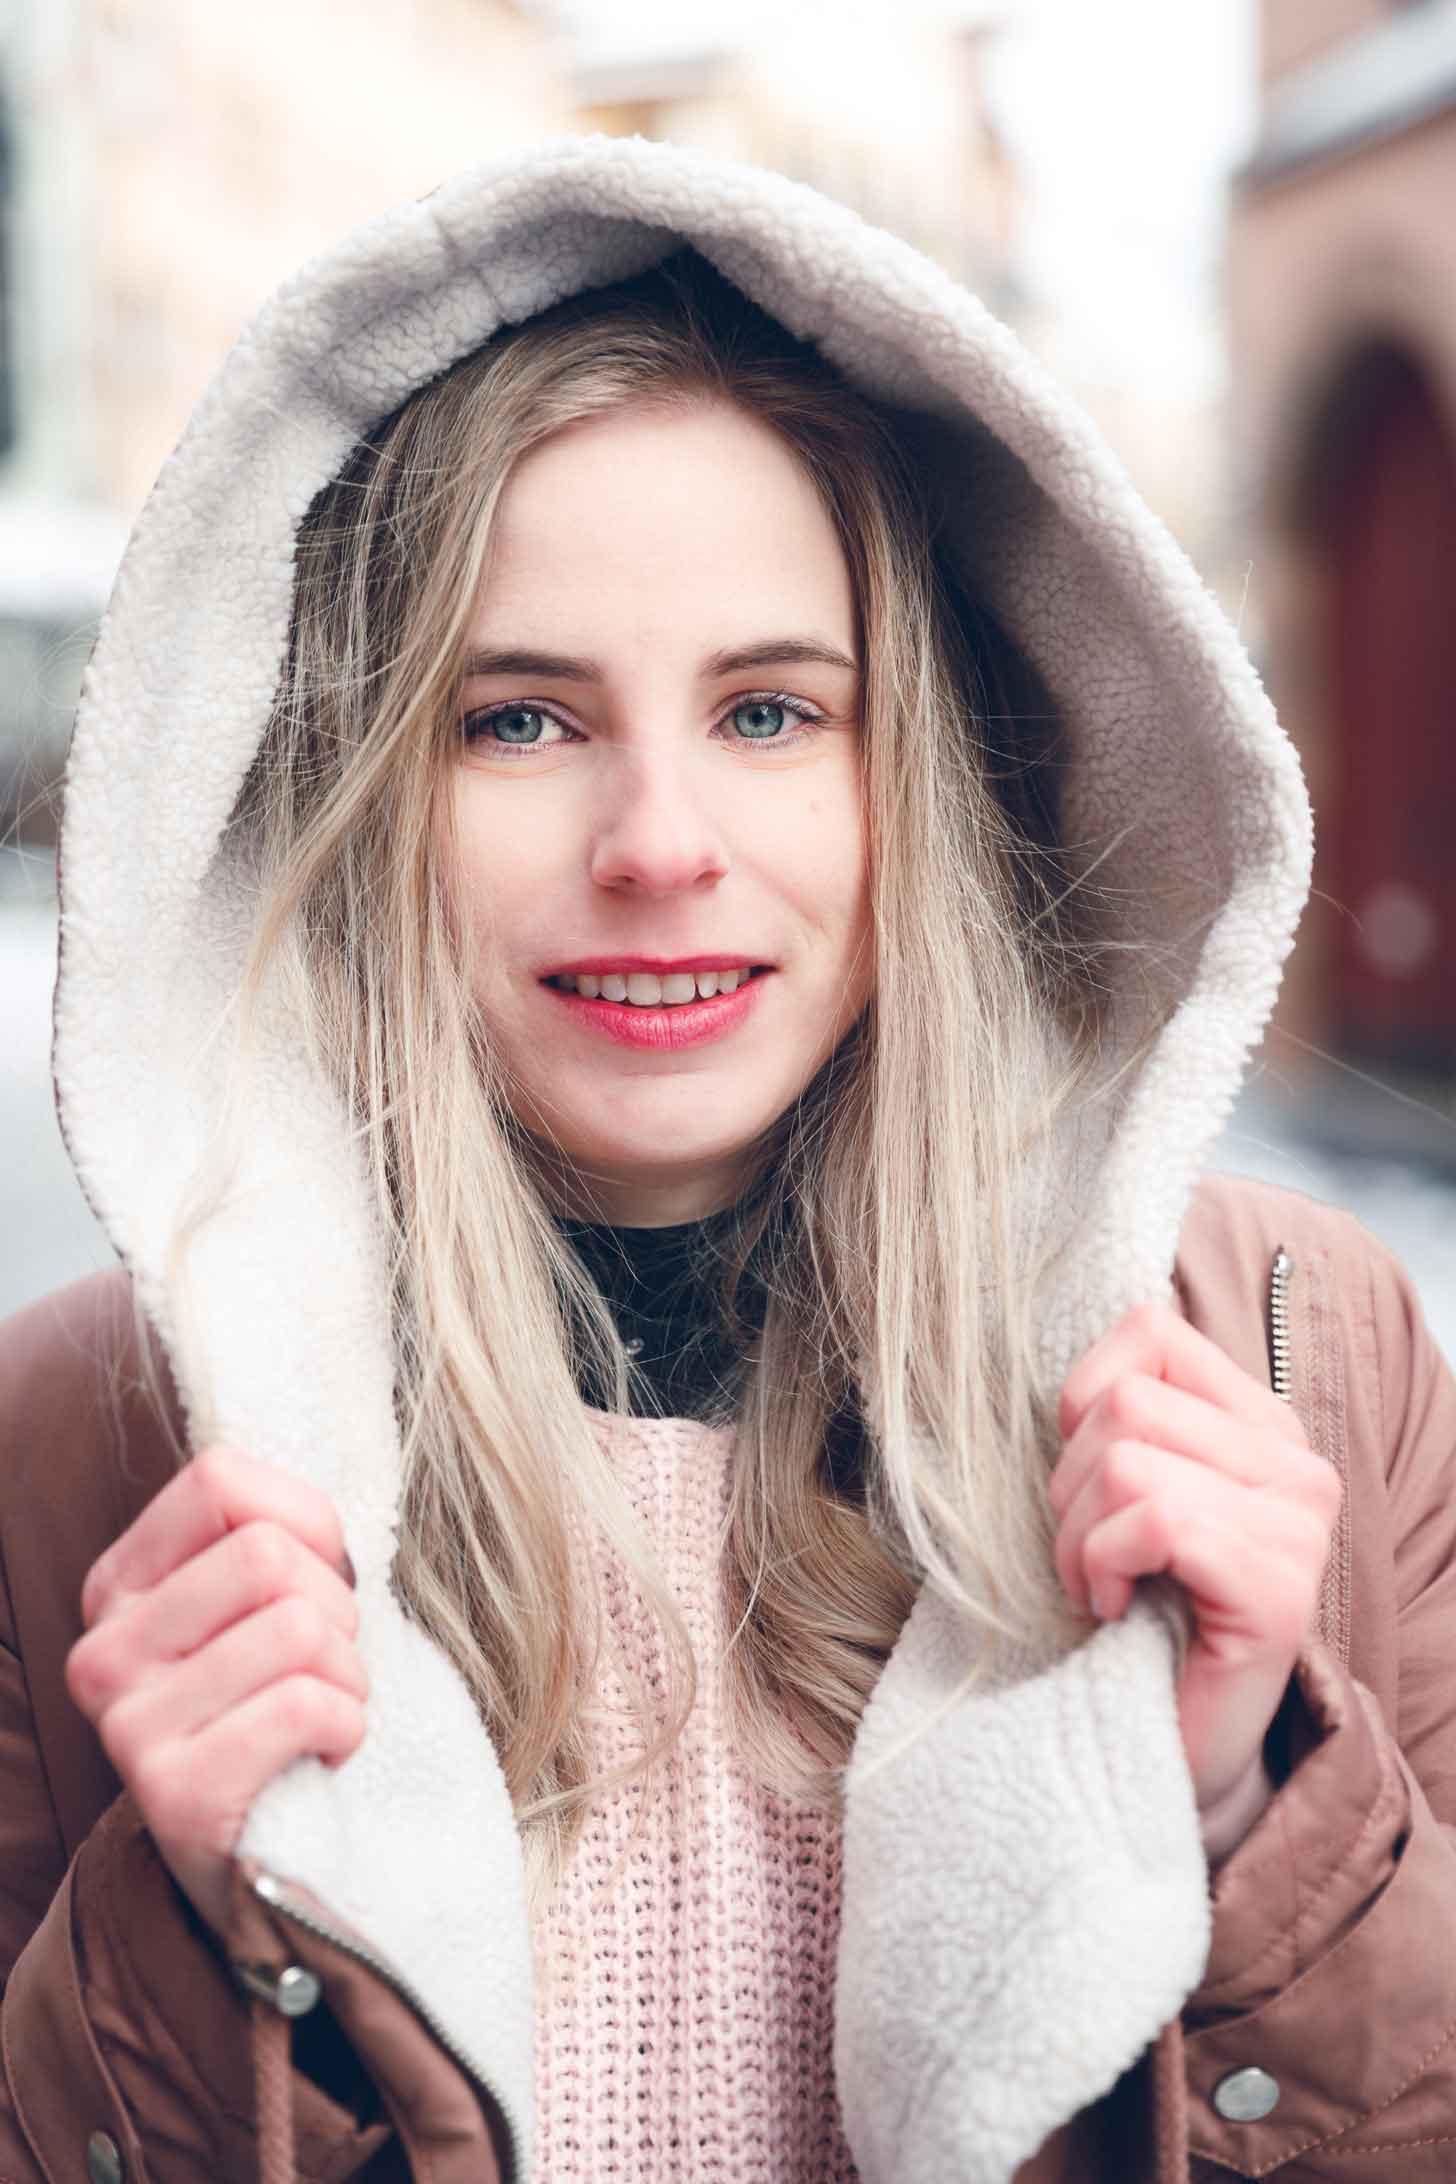 Winterliche Portraits bei Schnee und eisigen Temperaturen IMG 6643w